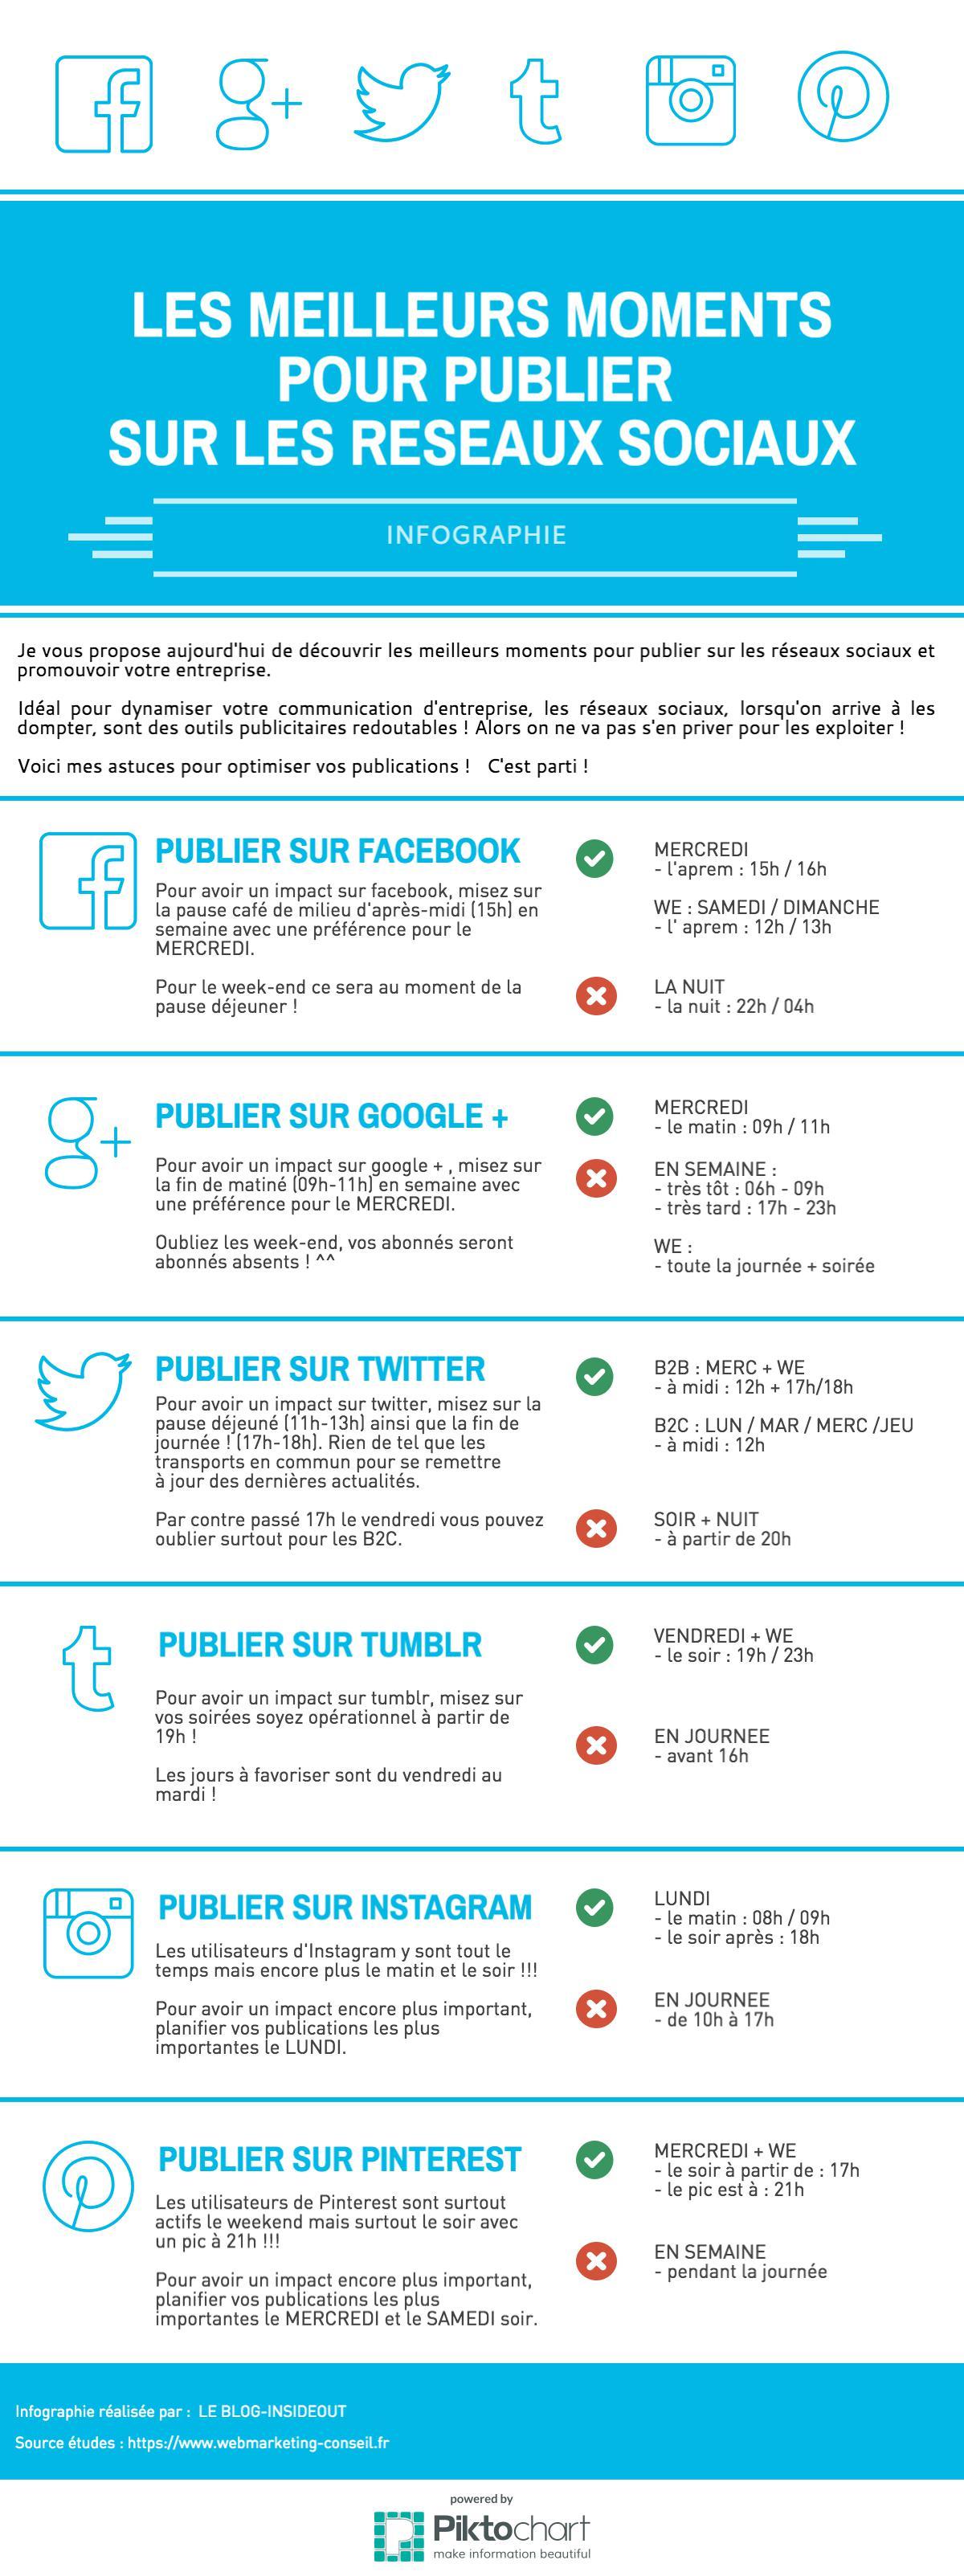 Infographie - Les meilleurs moments pour publier sur les reseaux sociaux